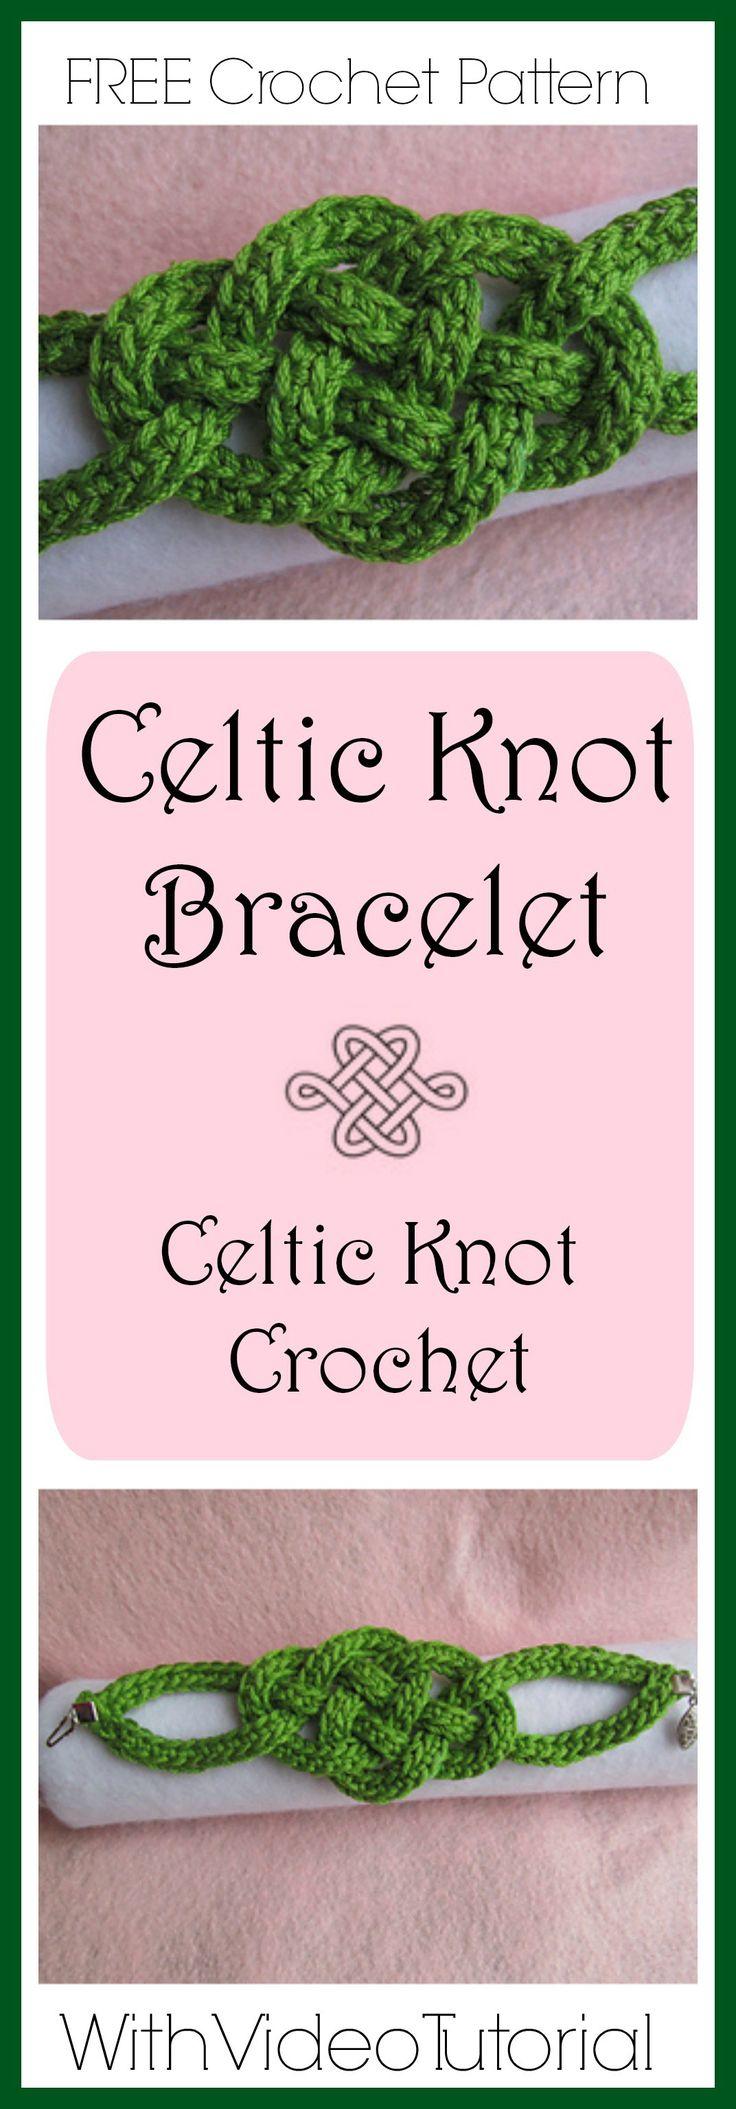 Celtic Knot Bracelet - Celtic Knot Crochet -Jennifer E Ryan  - FREE crochet pattern with video tutorials